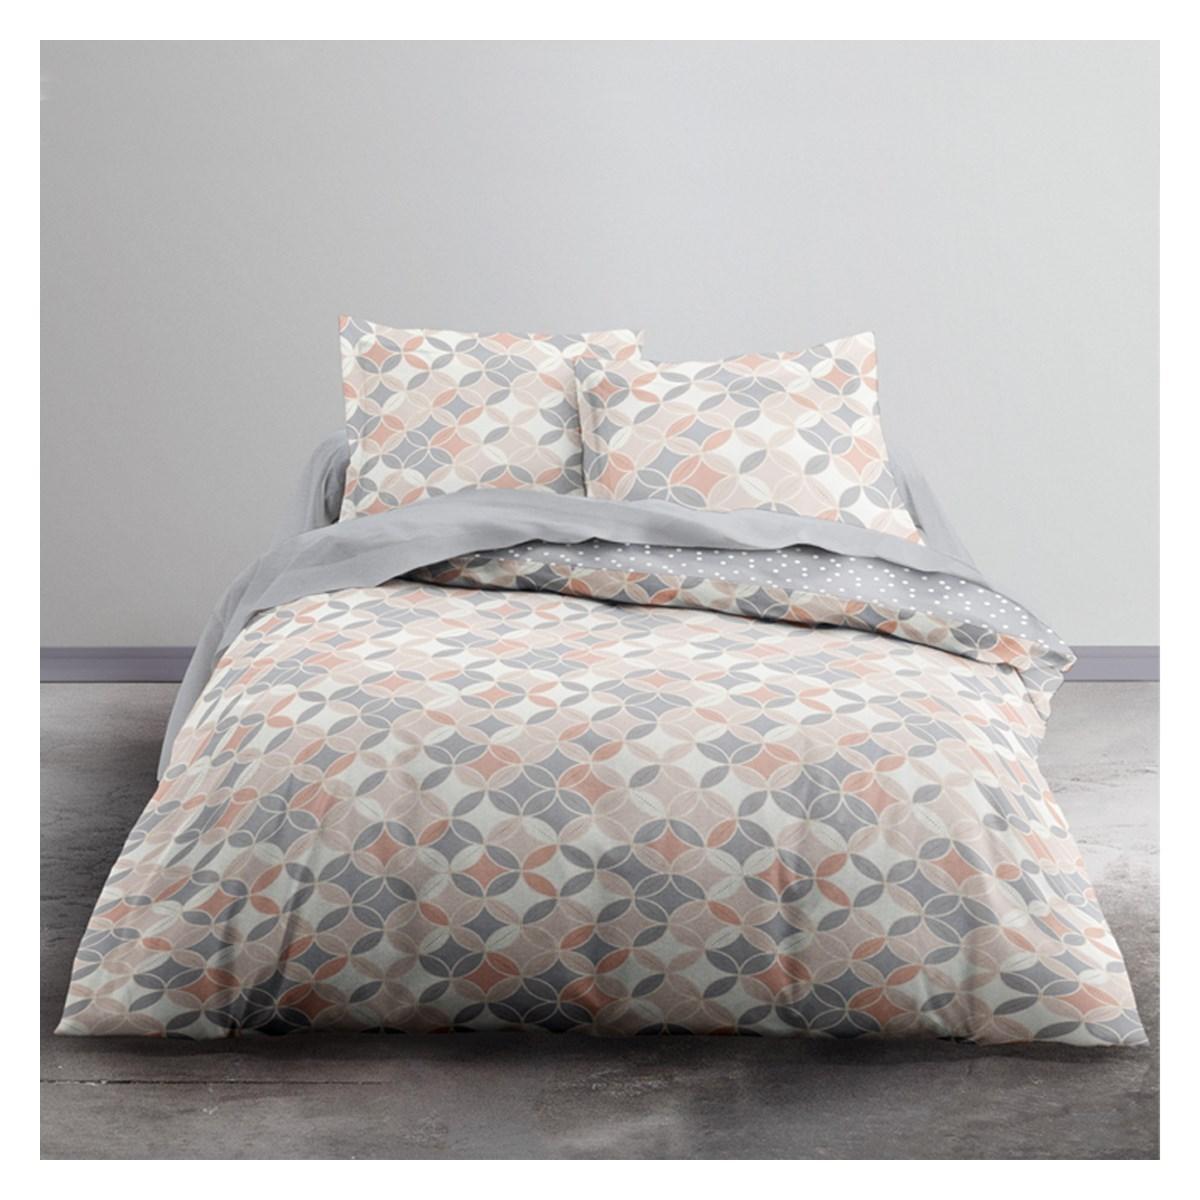 Parure de lit 2 personnes imprimé en Polyester Rose 220x240 cm